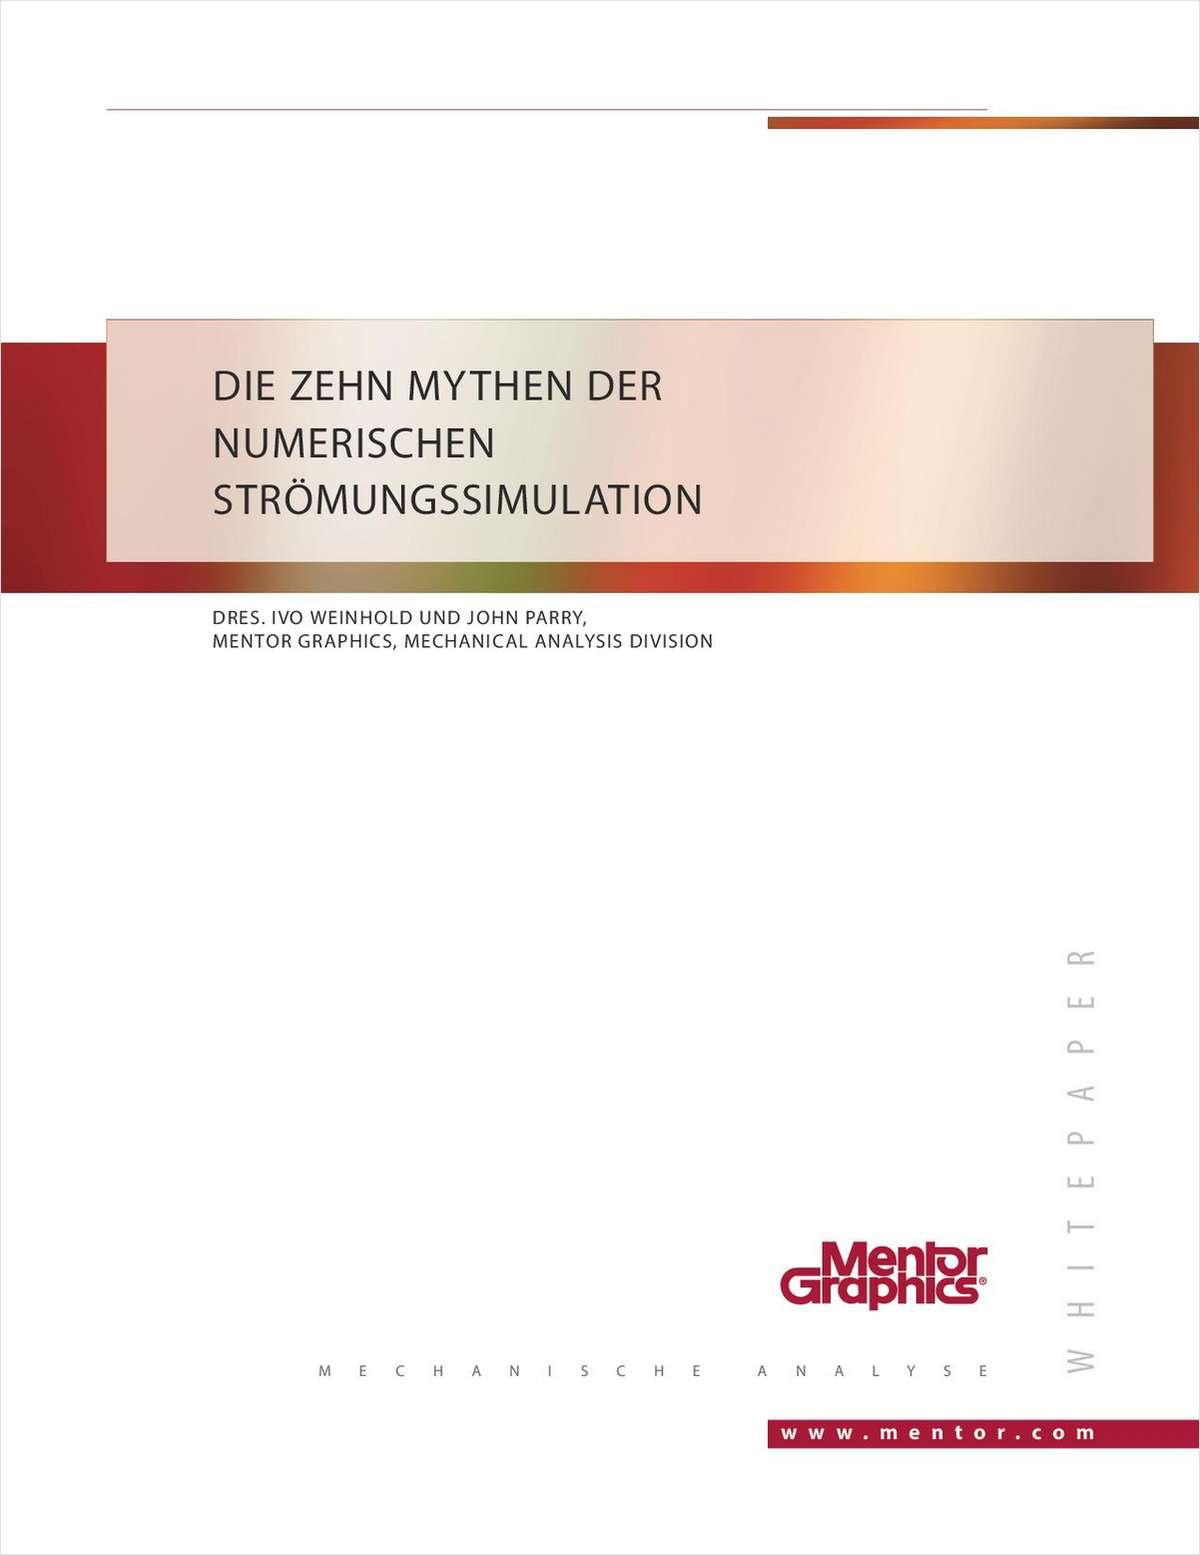 Zehn Mythen der numerischen Strömungssimulation